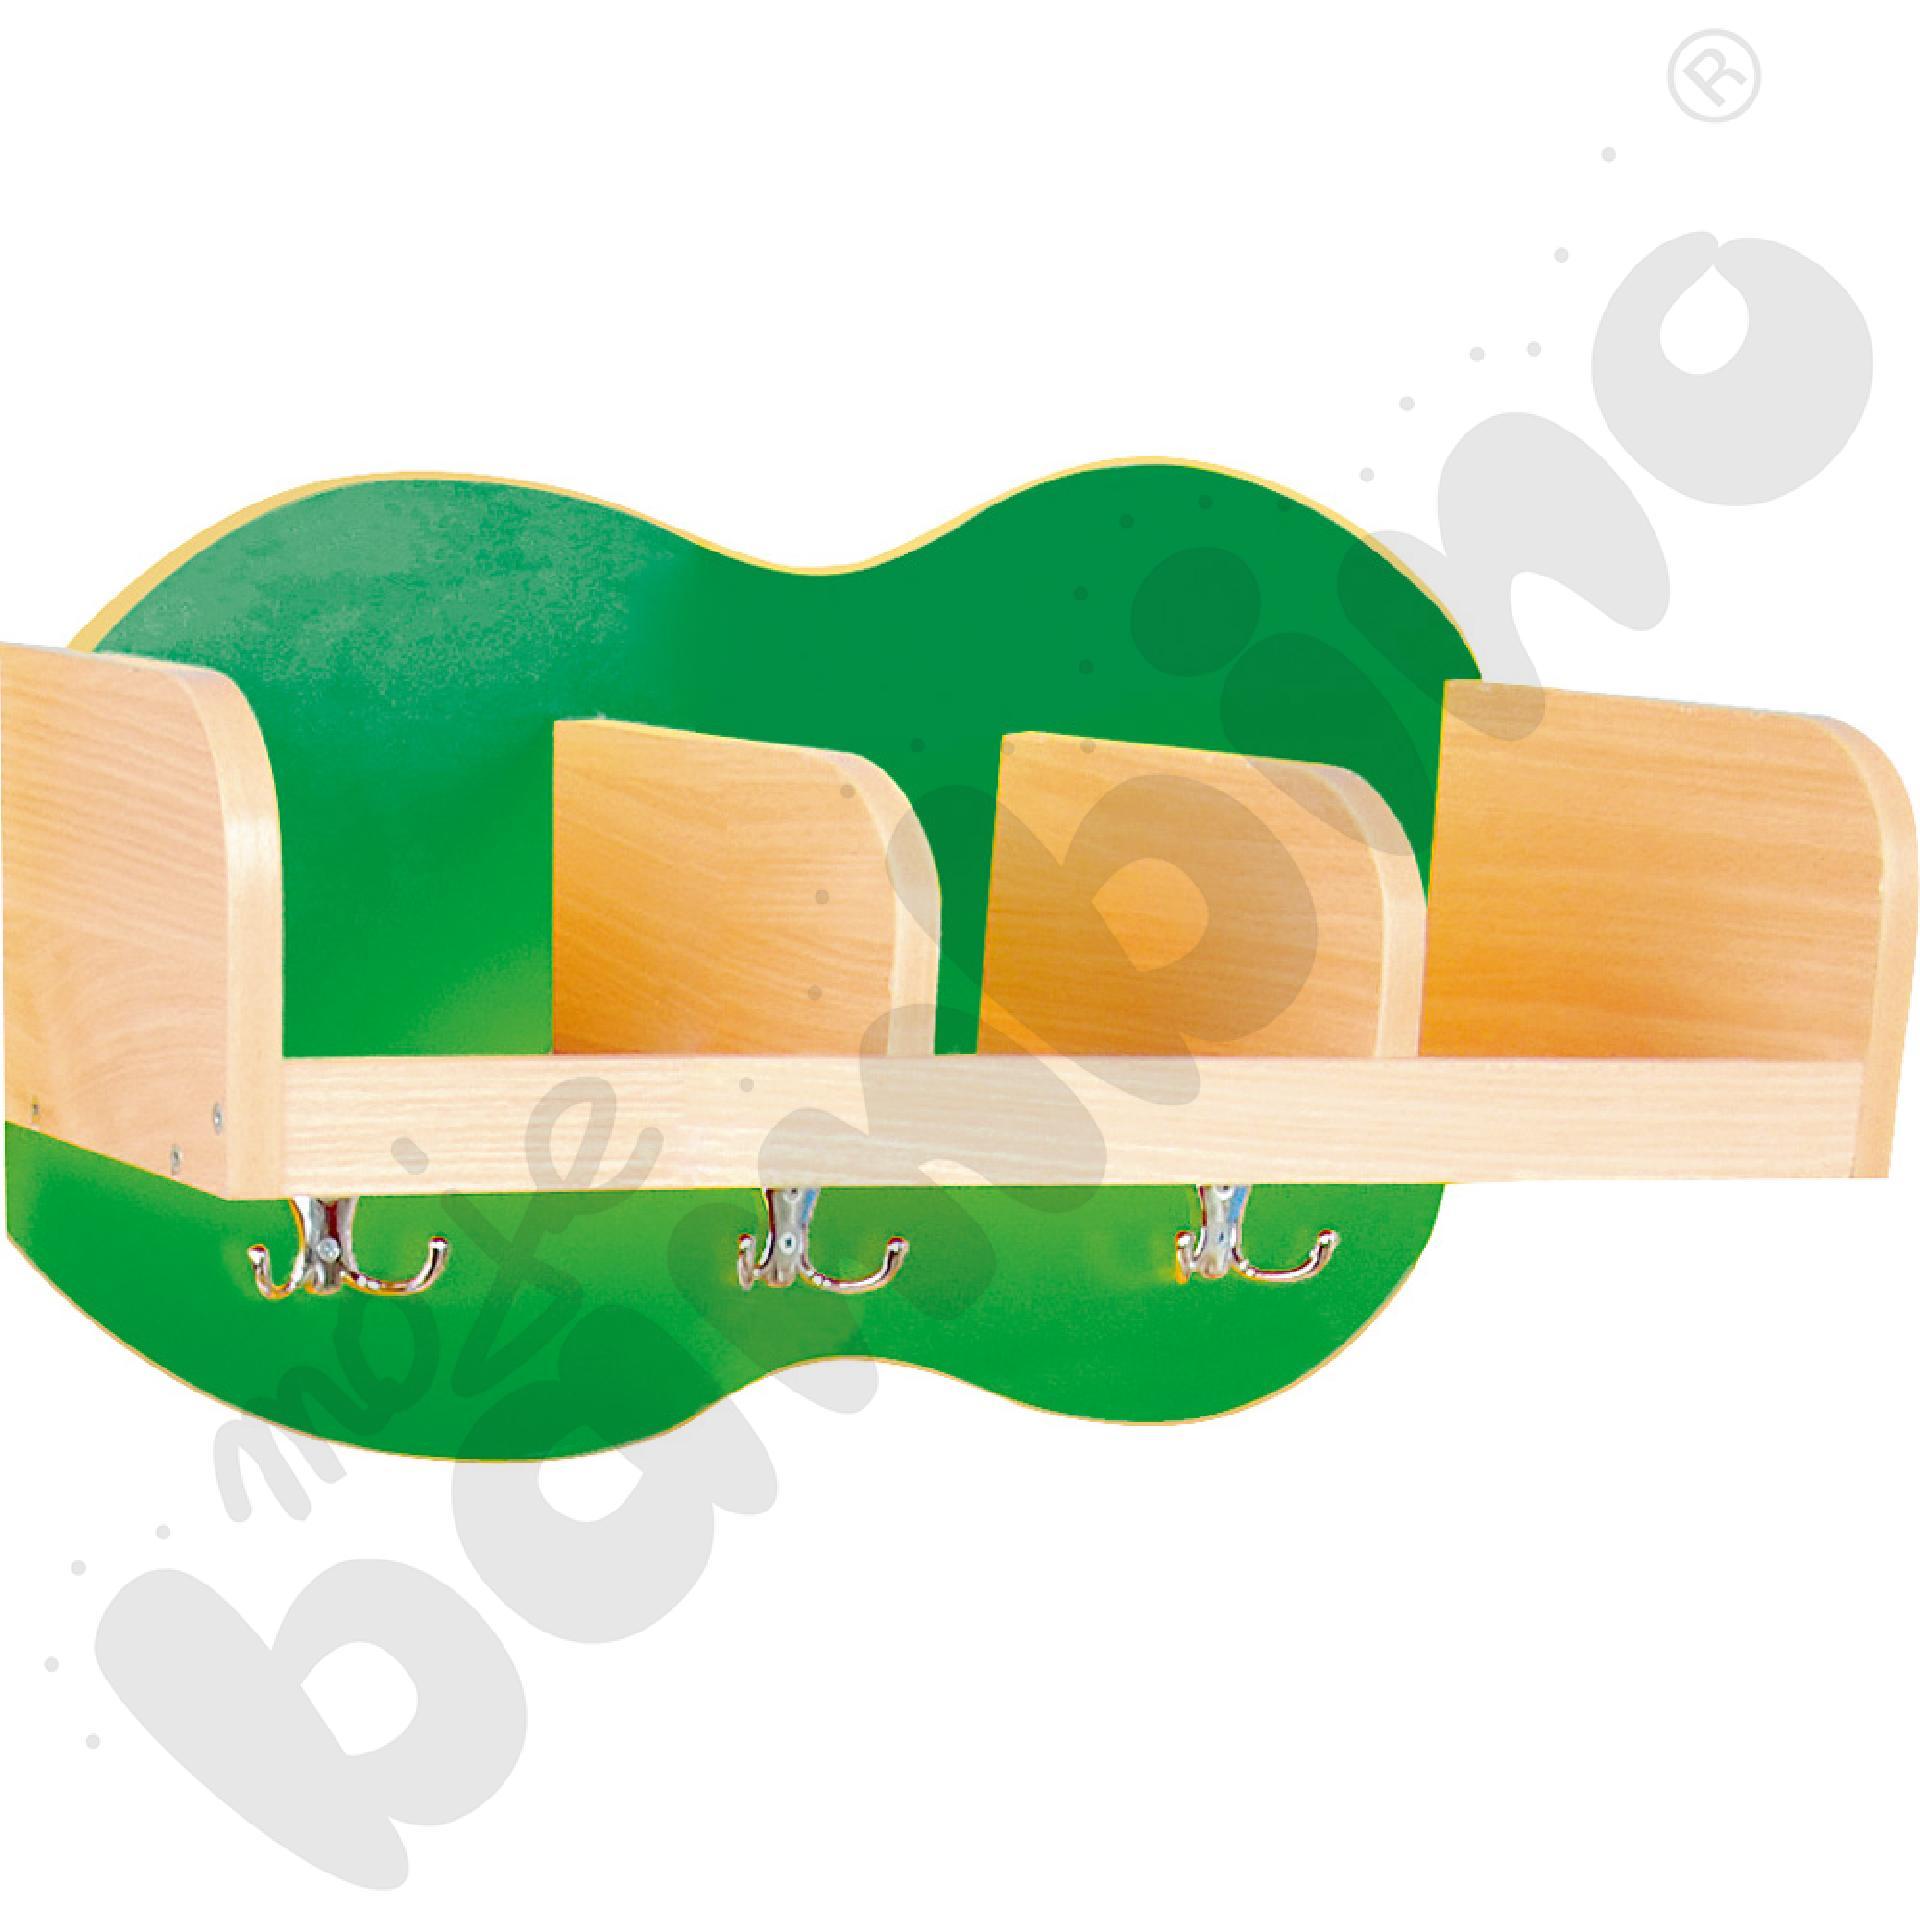 Szatnia półka Chmurka 3 - zielona